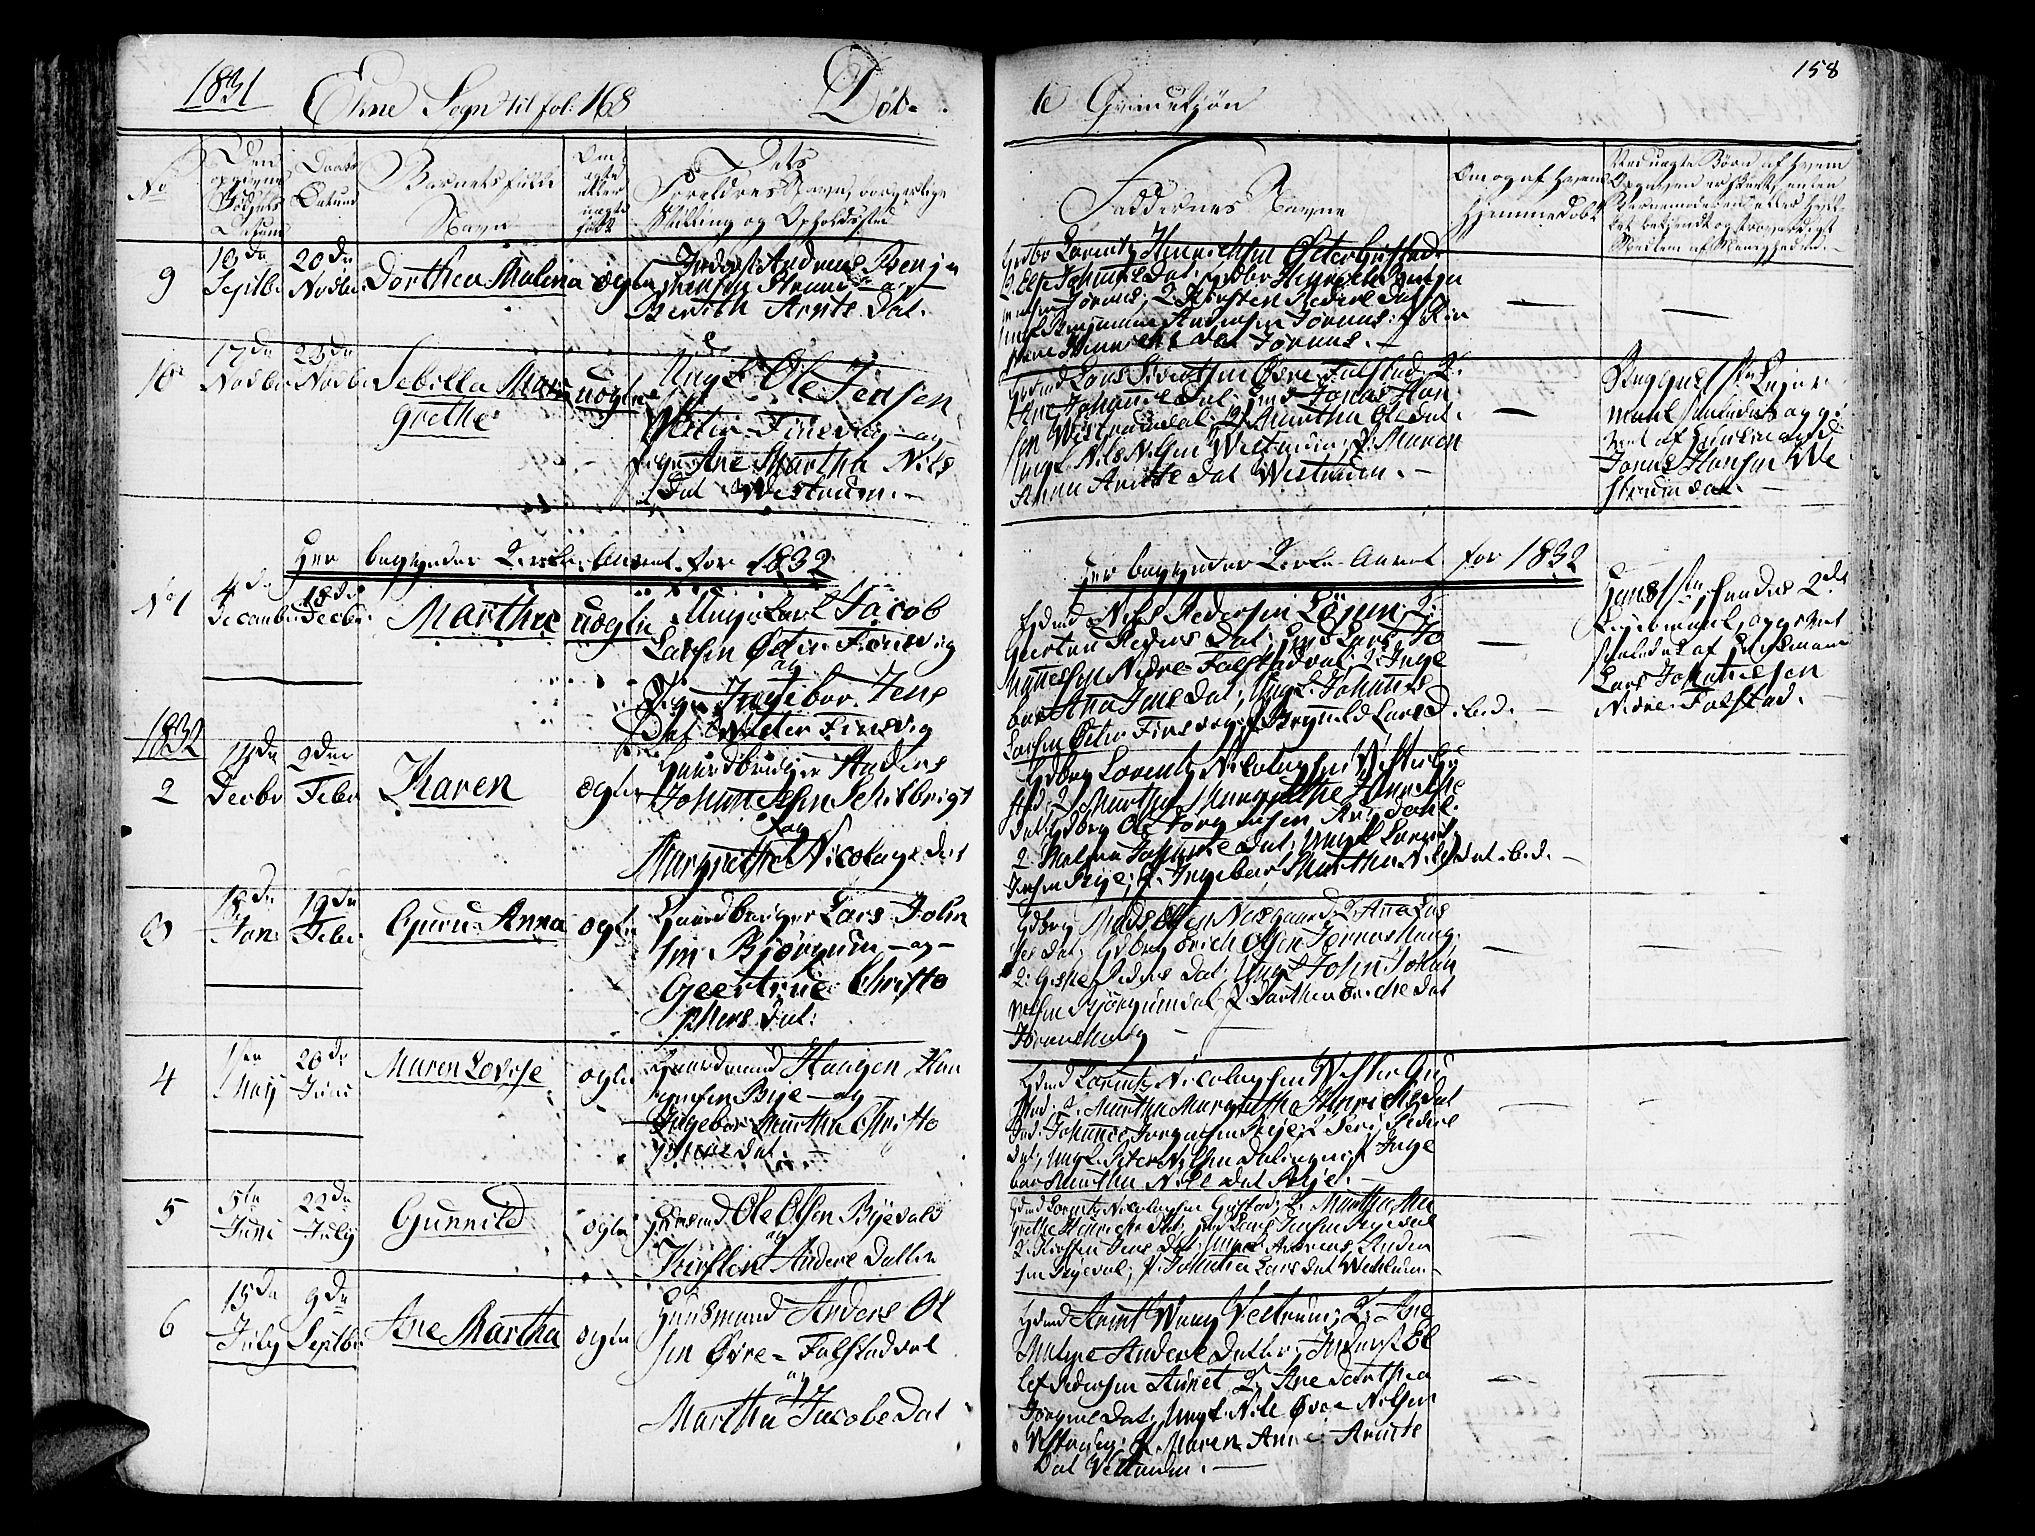 SAT, Ministerialprotokoller, klokkerbøker og fødselsregistre - Nord-Trøndelag, 717/L0152: Ministerialbok nr. 717A05 /2, 1828-1836, s. 158